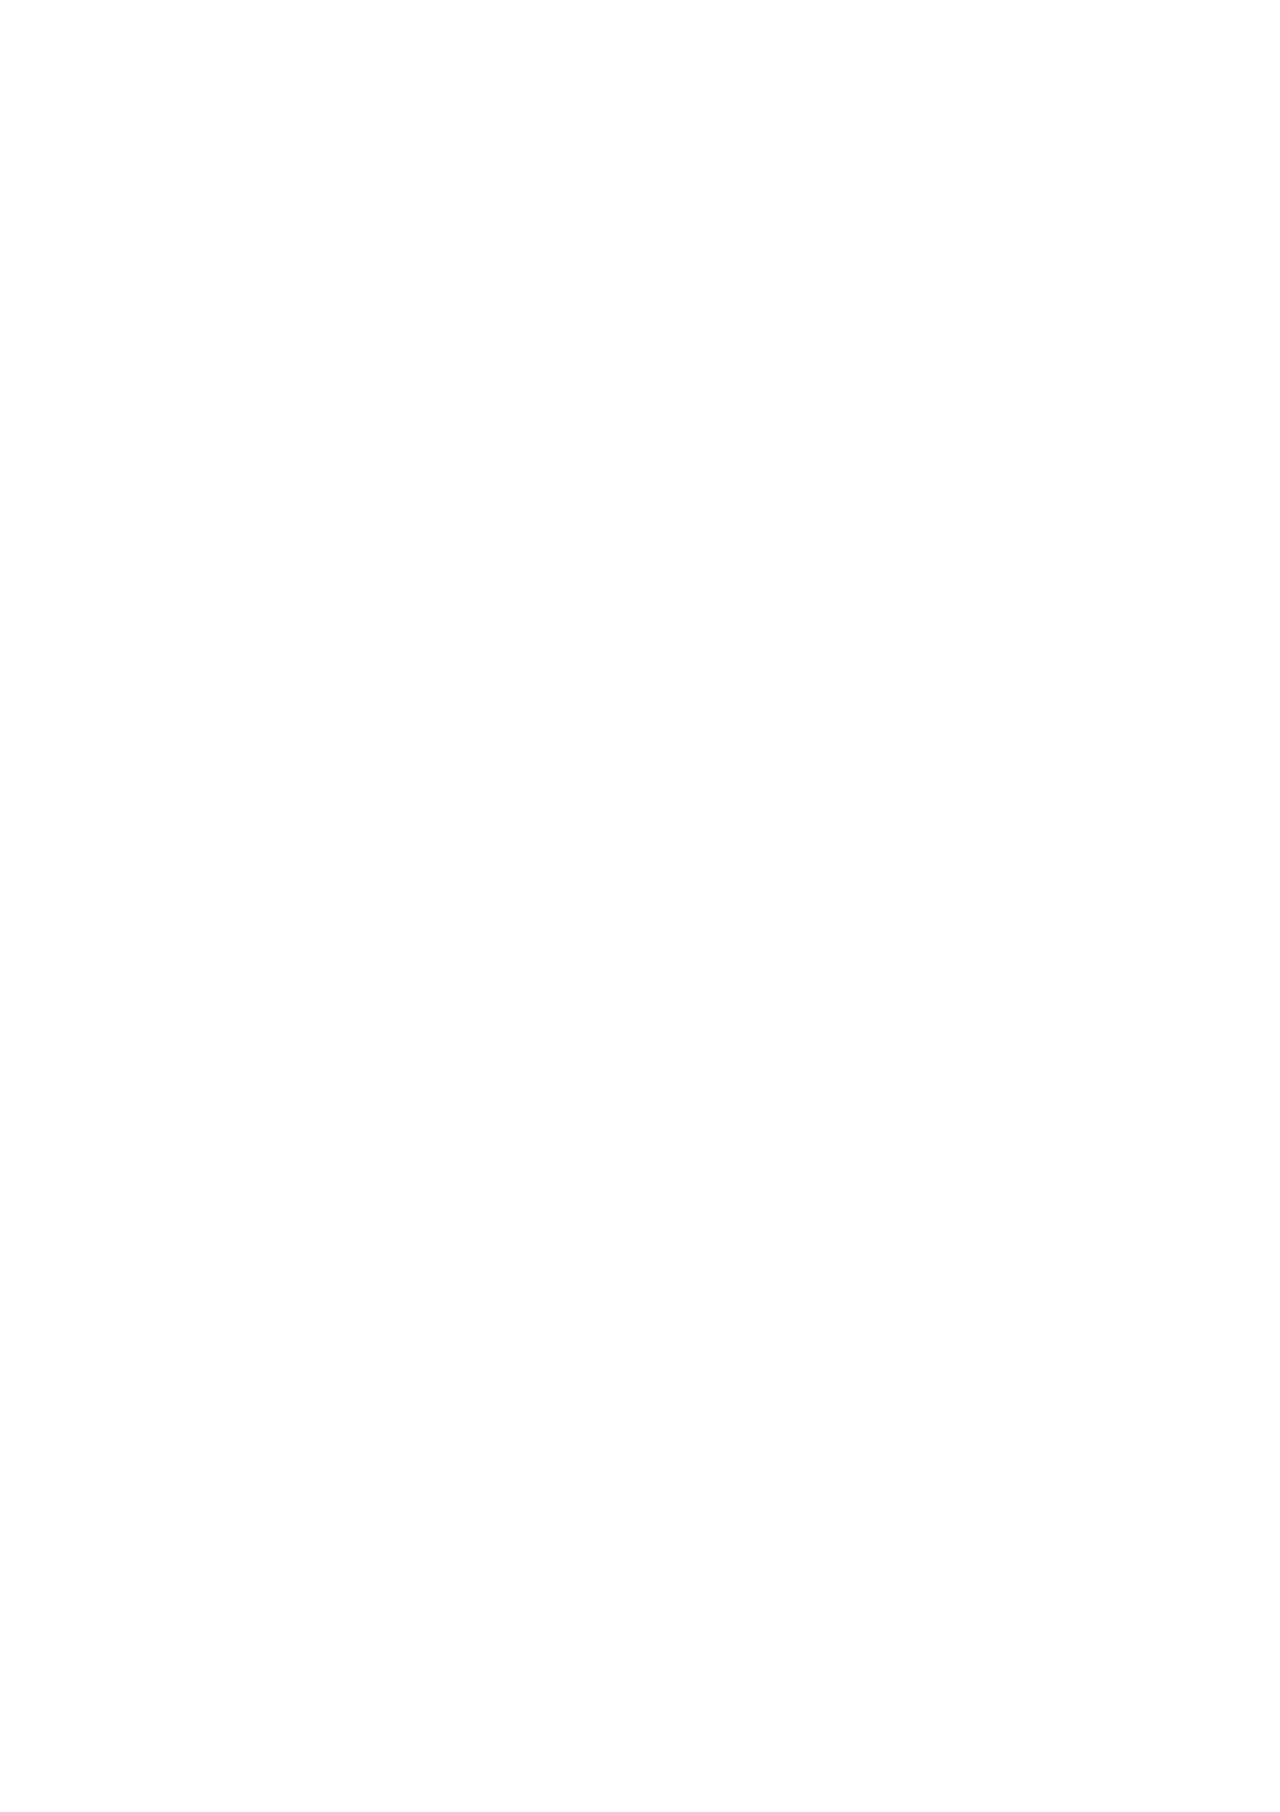 (C93) [homadelic. (Homaderi)] Fukudanchou no Usagi Djeeta-chan ga Danchou no Ookami Gran-kun ni Taberarechau Hon (Granblue Fantasy) [Chinese] [無邪気漢化組] 29